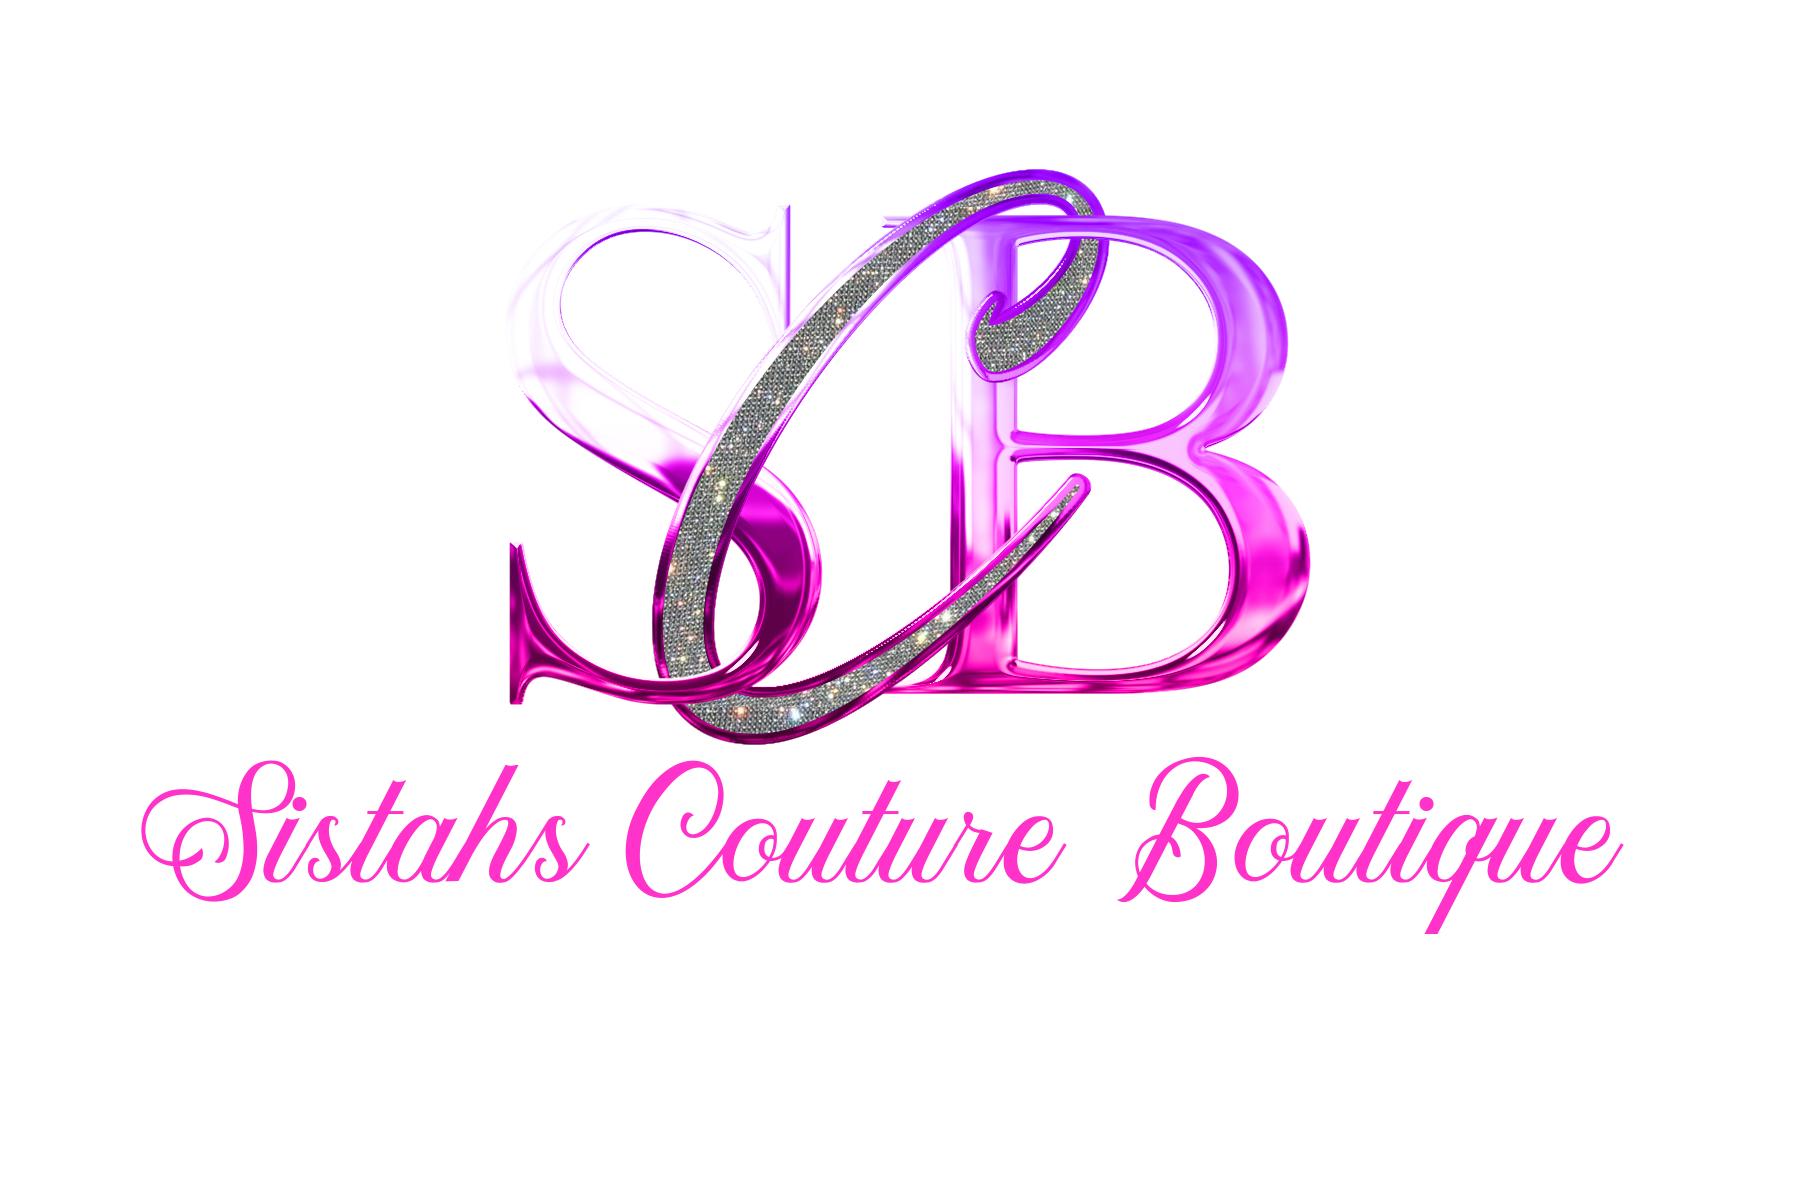 Sistahs Couture Boutique logo